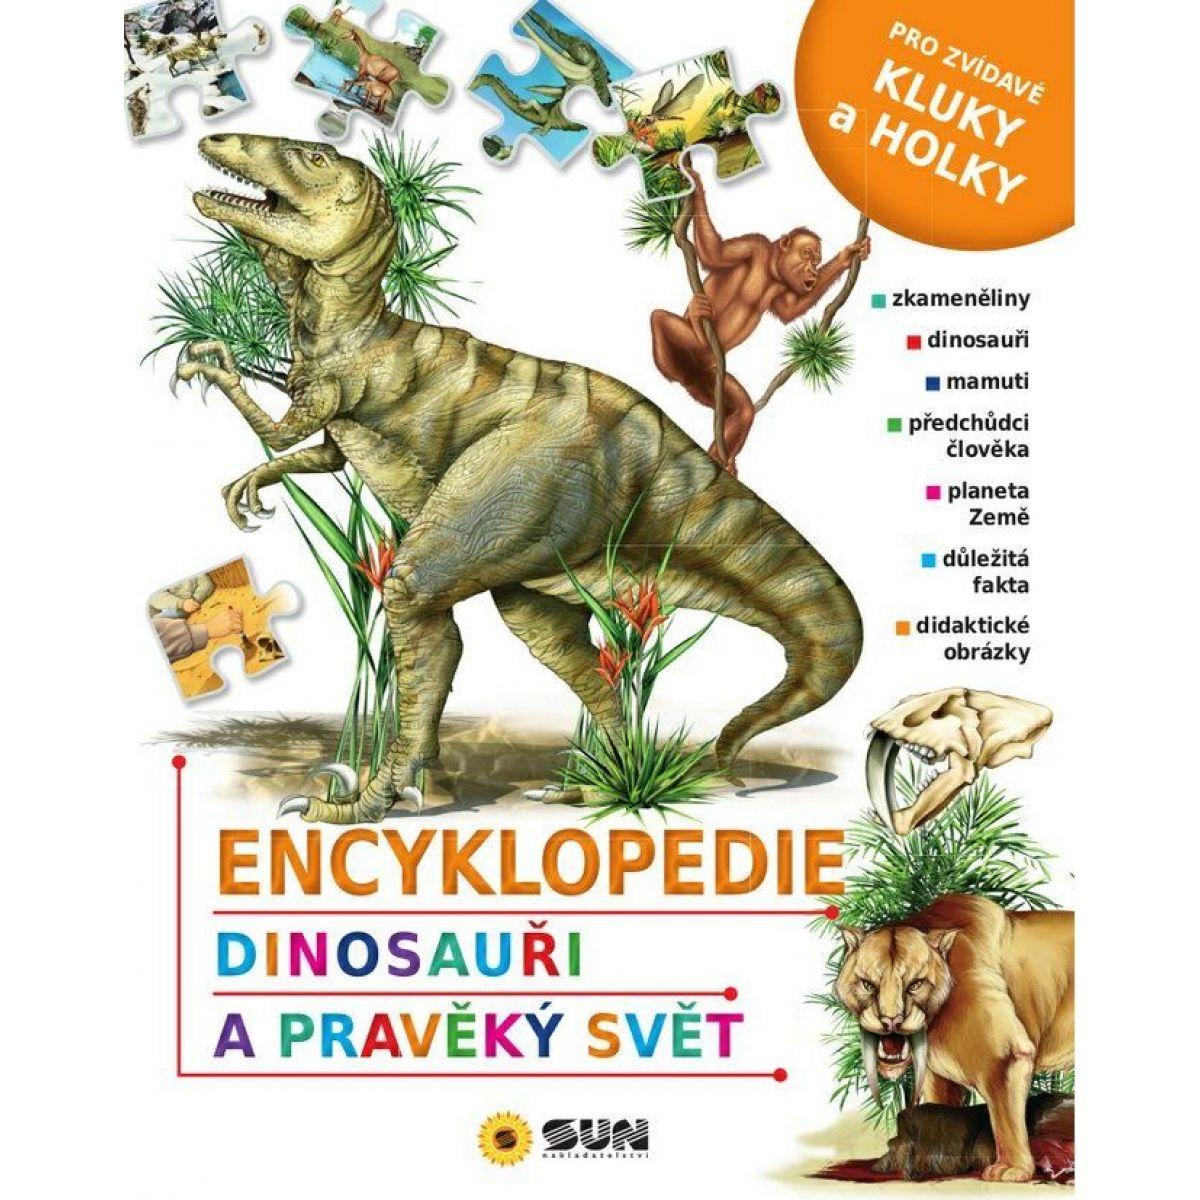 Sun Encyklopedie Dinosauři a pravěký svět